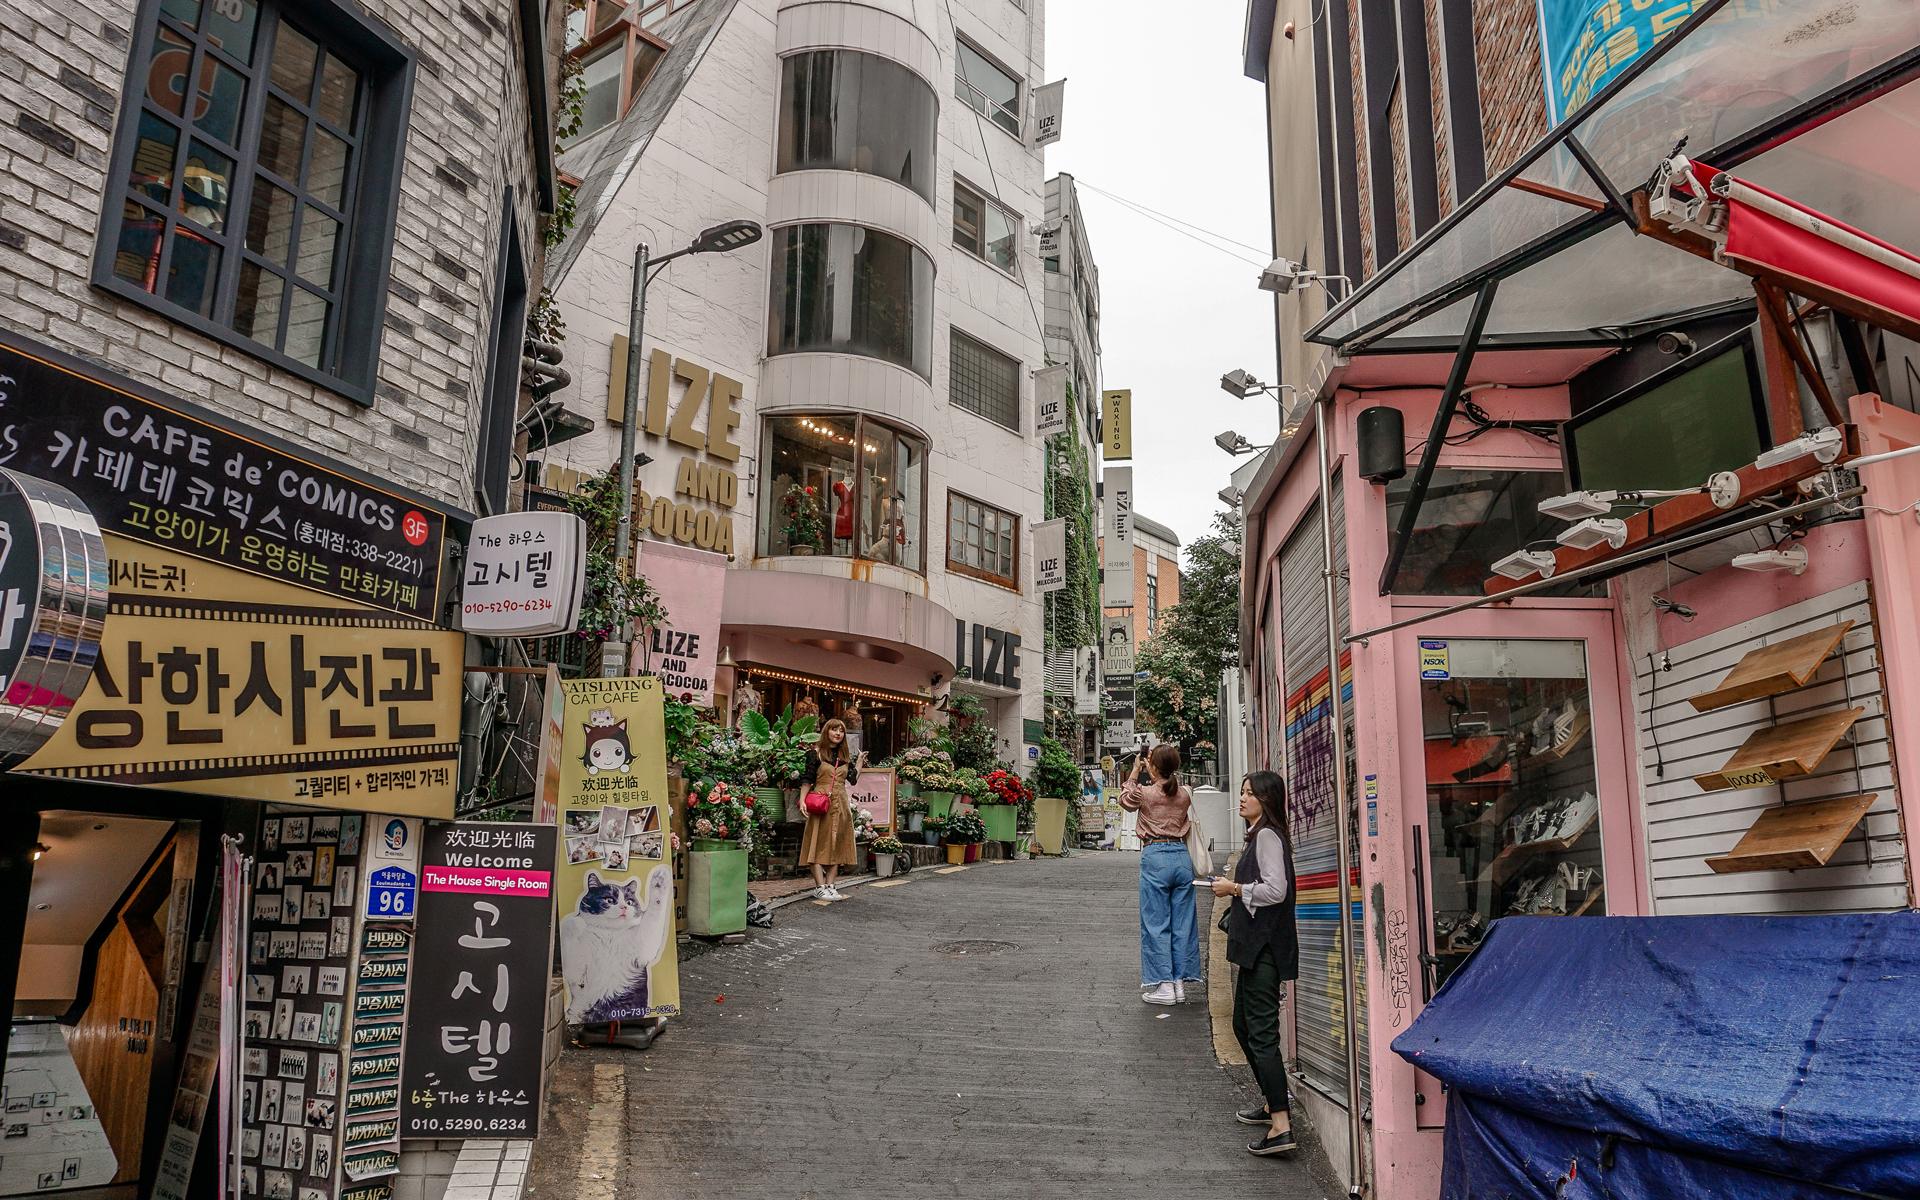 Sehenswüdigkeiten: Eine hippe Gasse in der Innenstadt von Seoul, eine Frau lässt sich fotografieren.